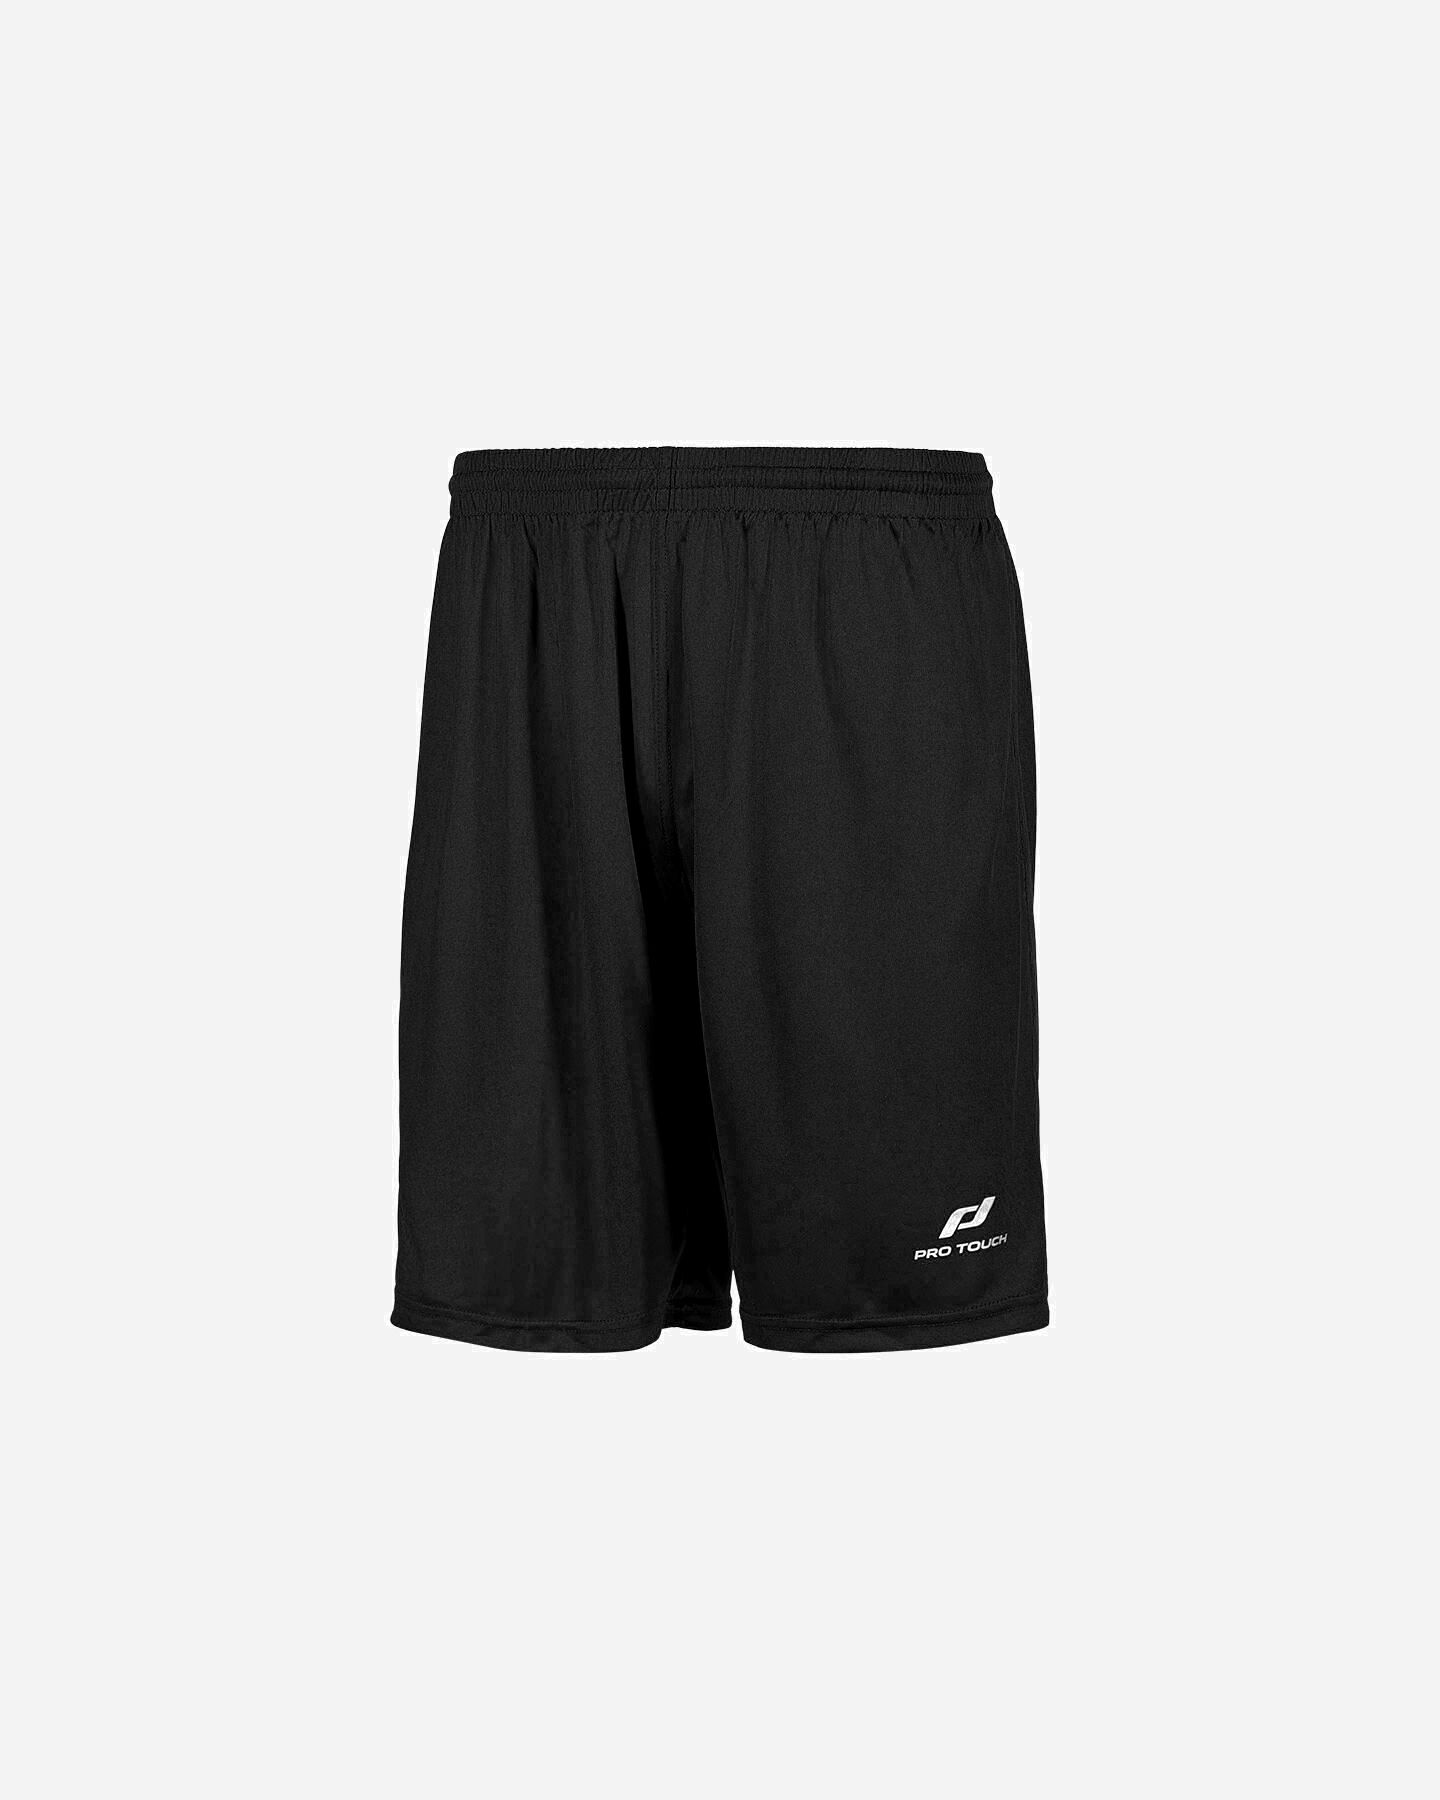 Pantaloncini calcio PRO TOUCH FOOTBALL PRO M S1160934 scatto 4